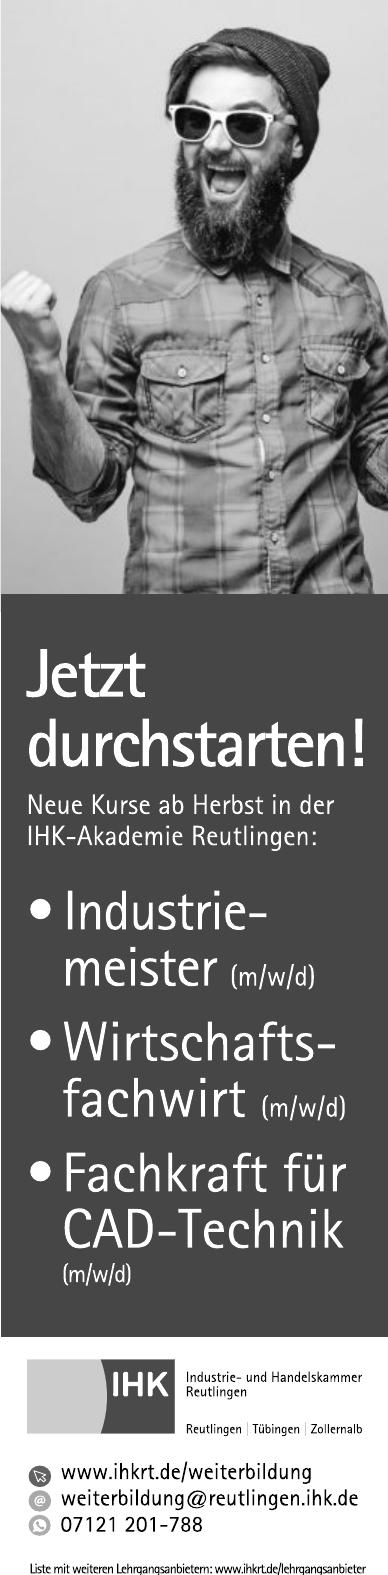 IHK Industrie- und Handelskammer Reutlingen